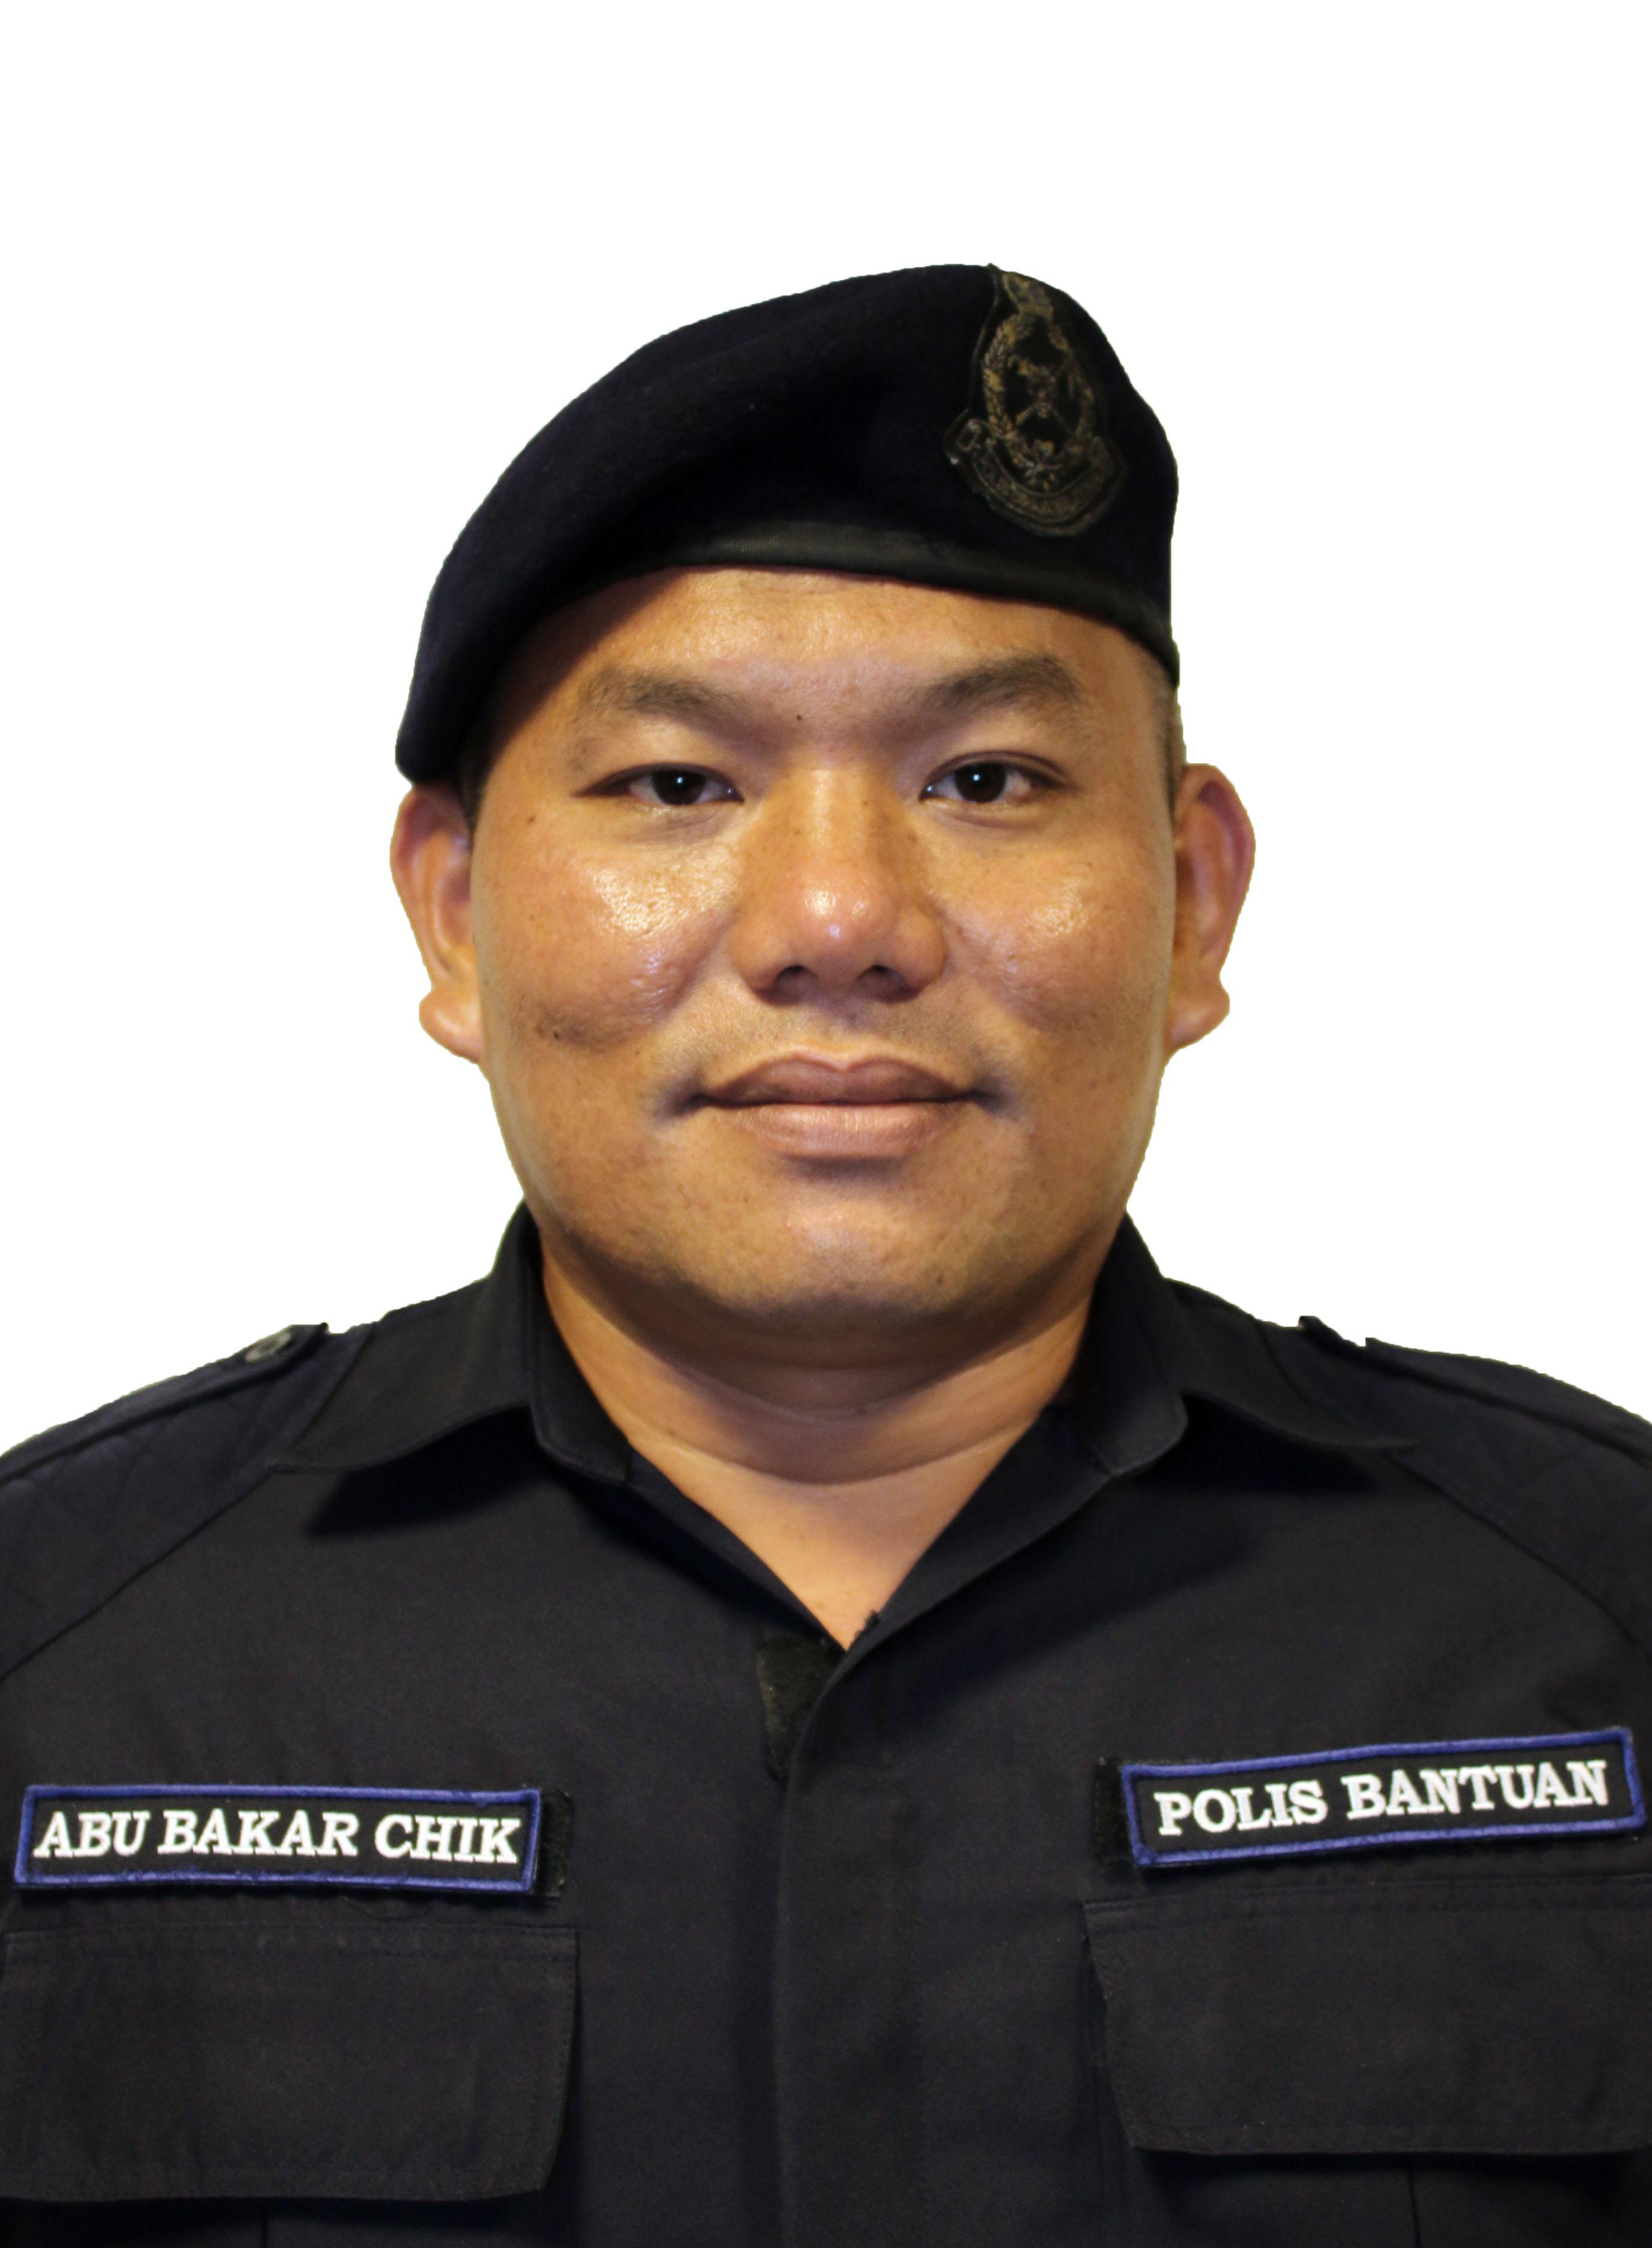 Sgt. Abu Bakar Chik